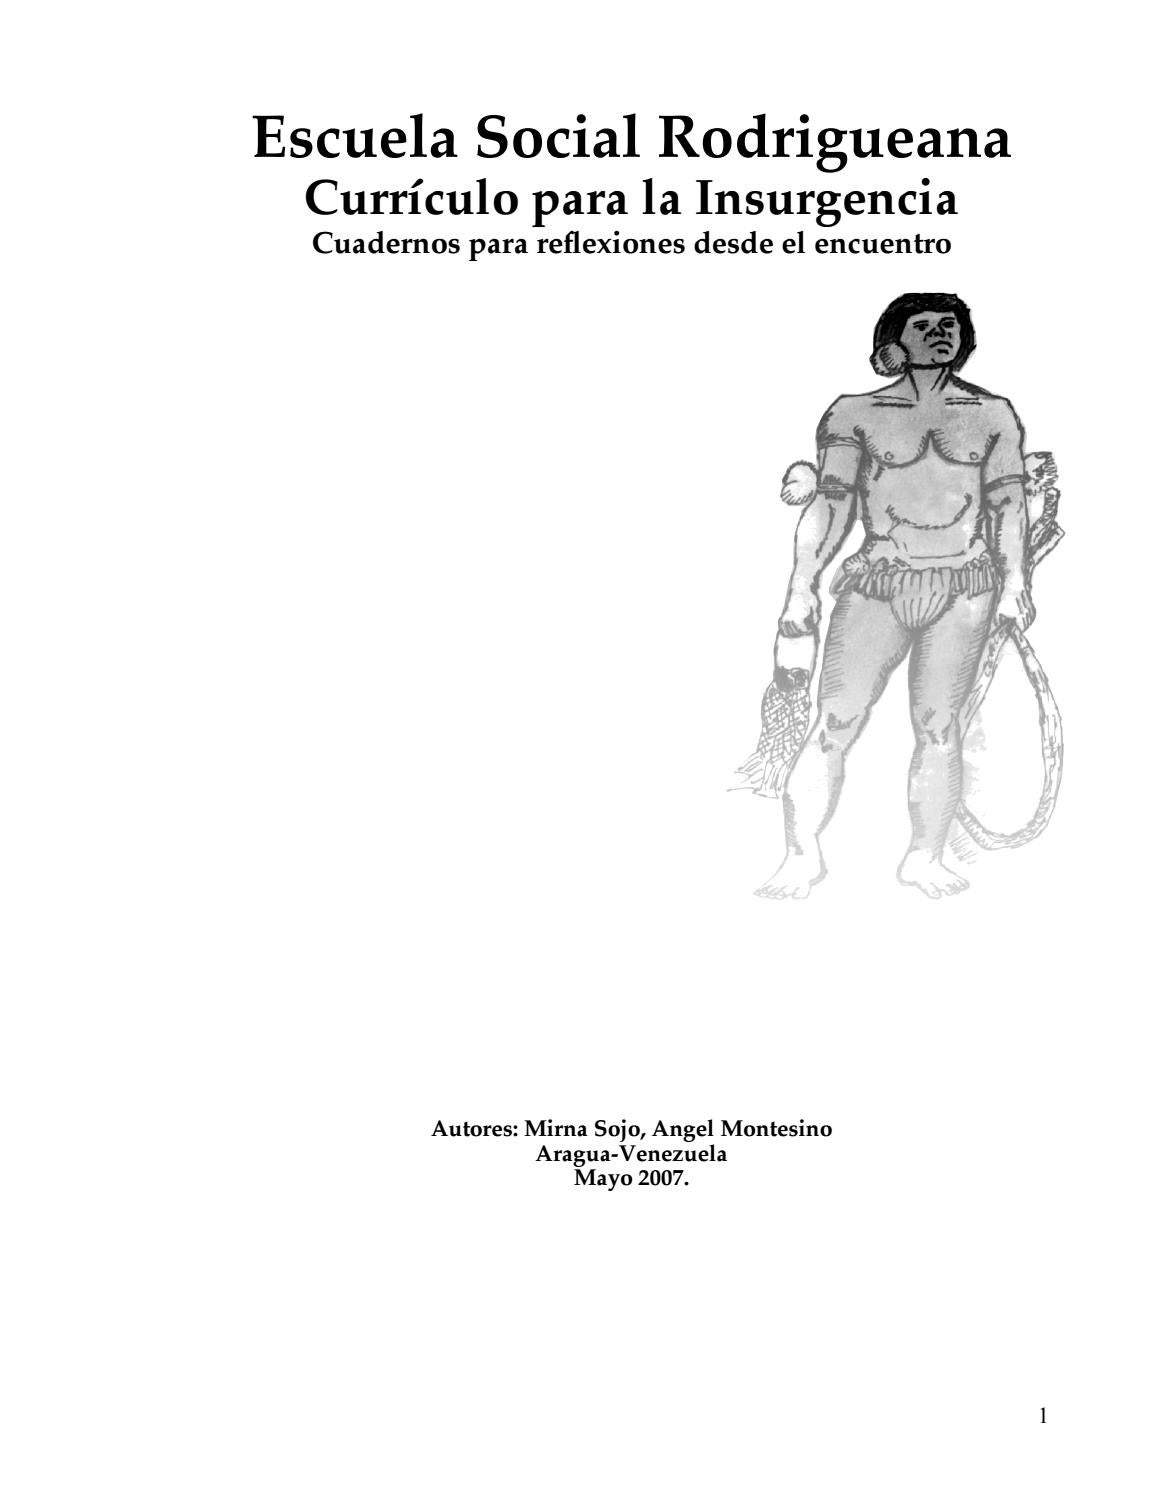 Curriculo para la insurgencia by SOJO MIRNA - issuu